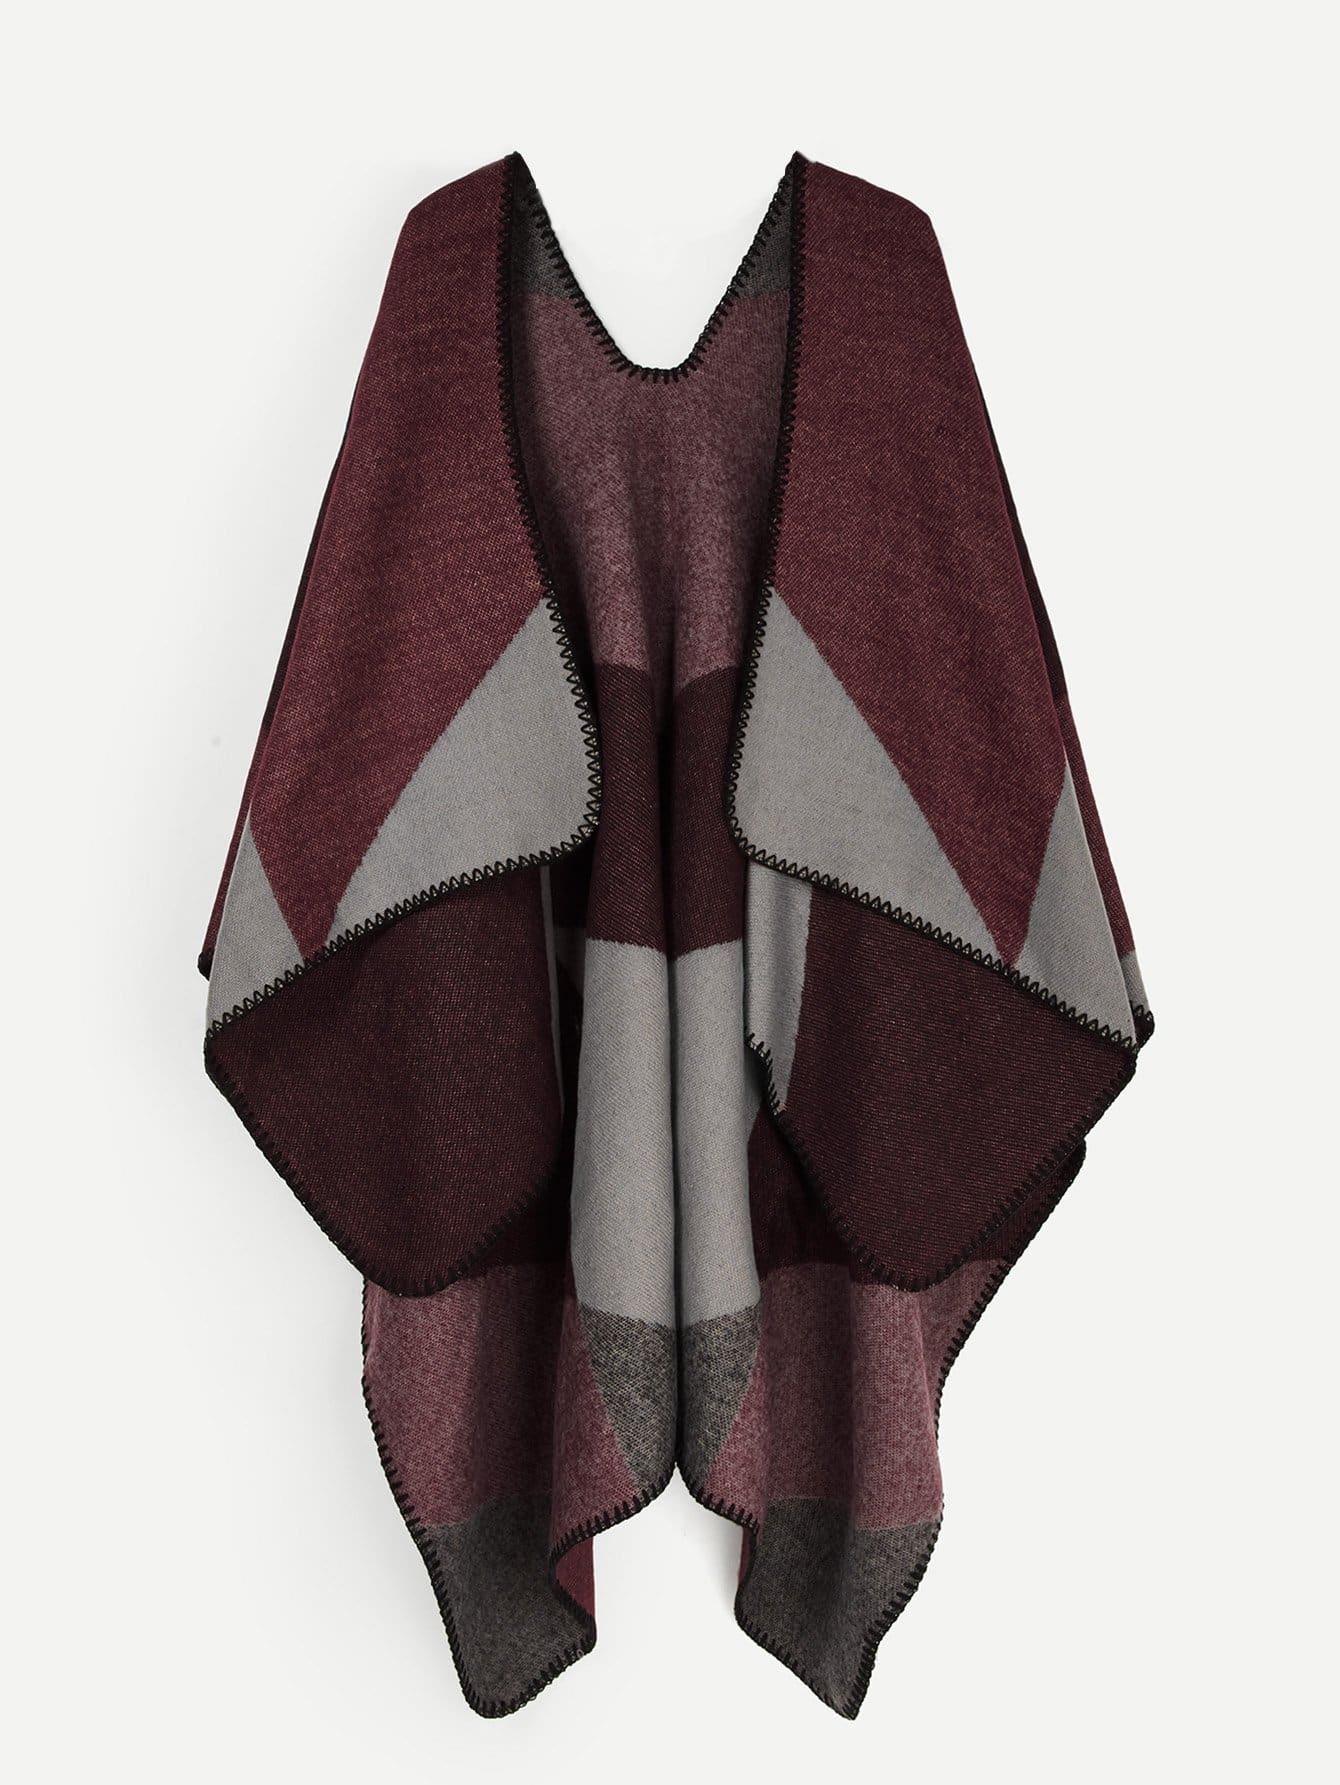 Купить Контрастный шарф со стёжками, null, SheIn